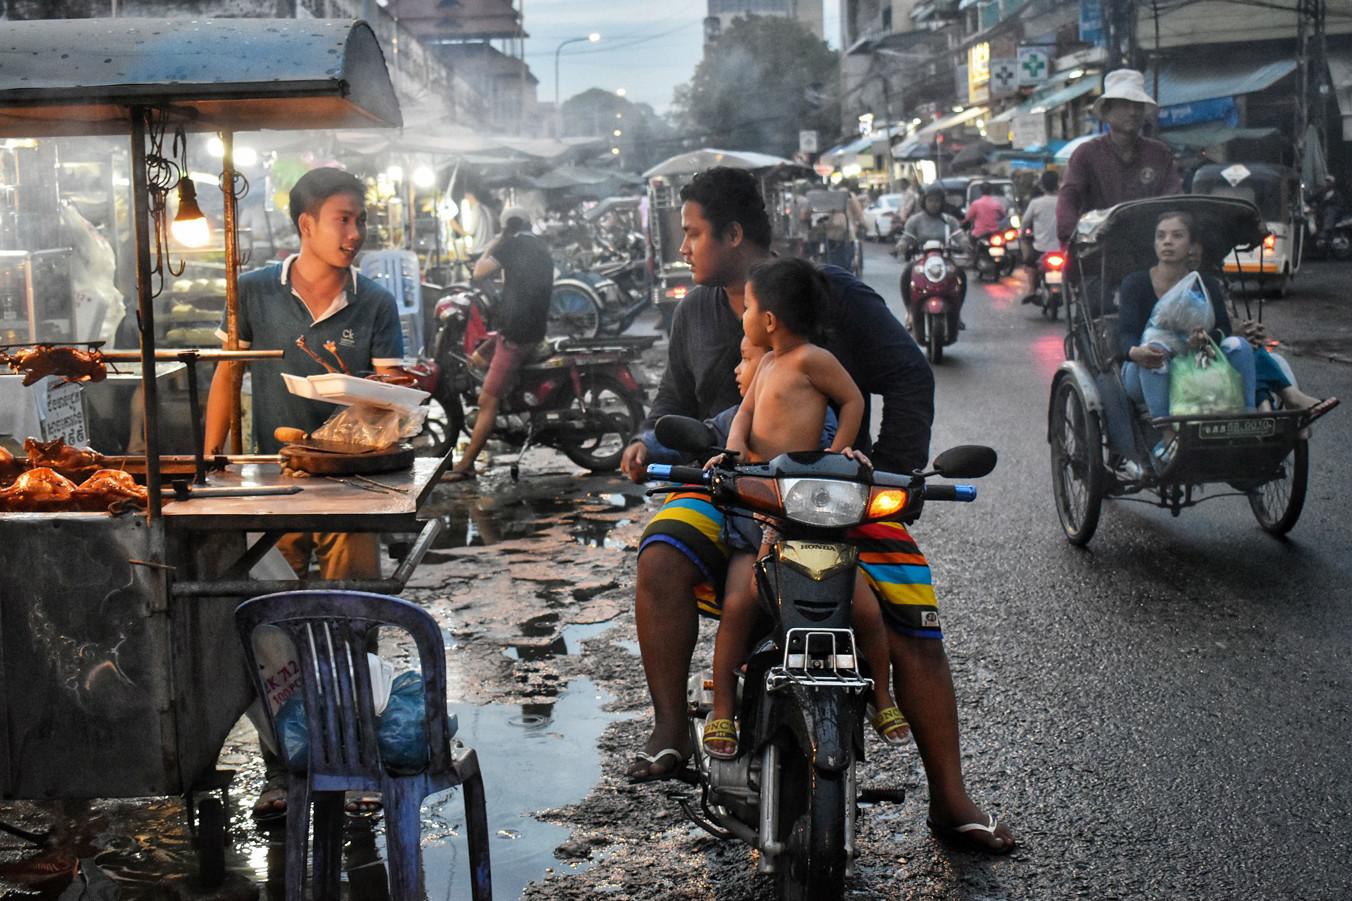 Les McDonald's de Phnom Penh